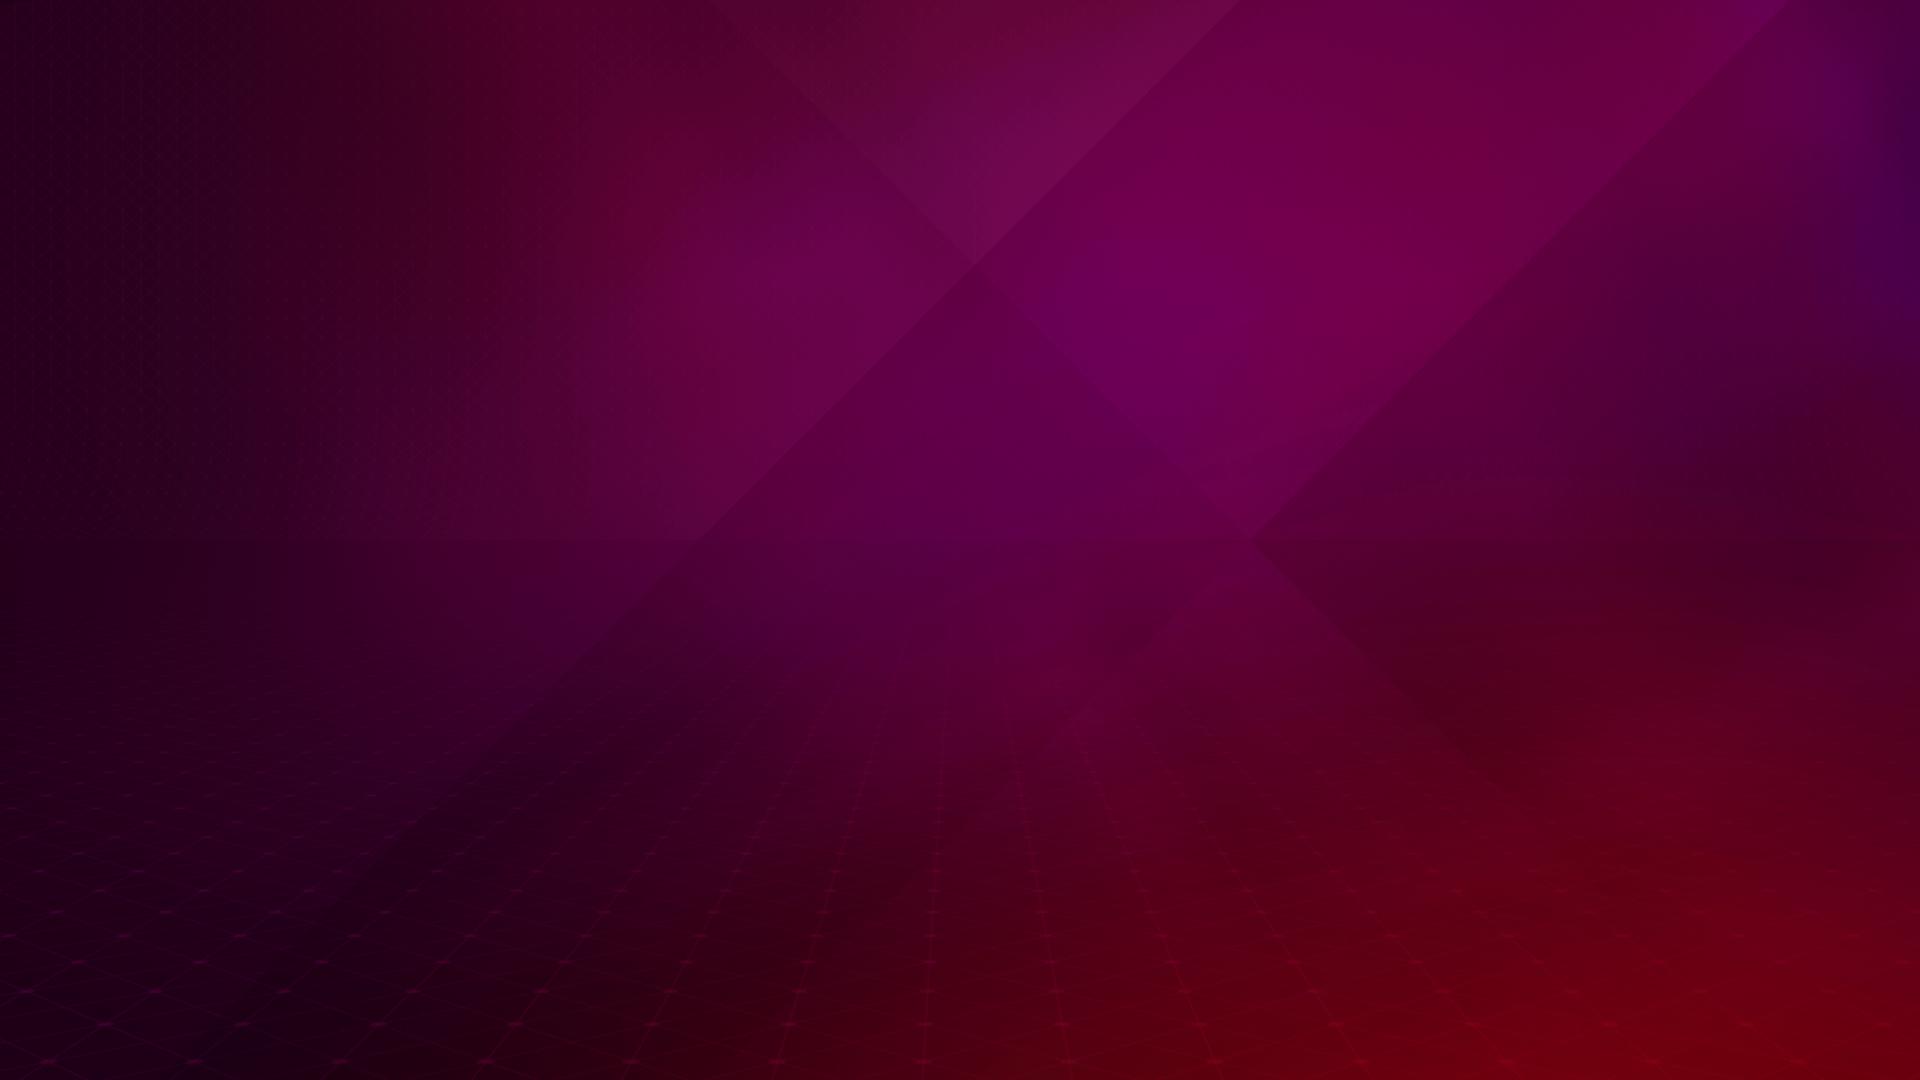 Ubuntu Desktop Wallpaper Girl 1920 1920x1080